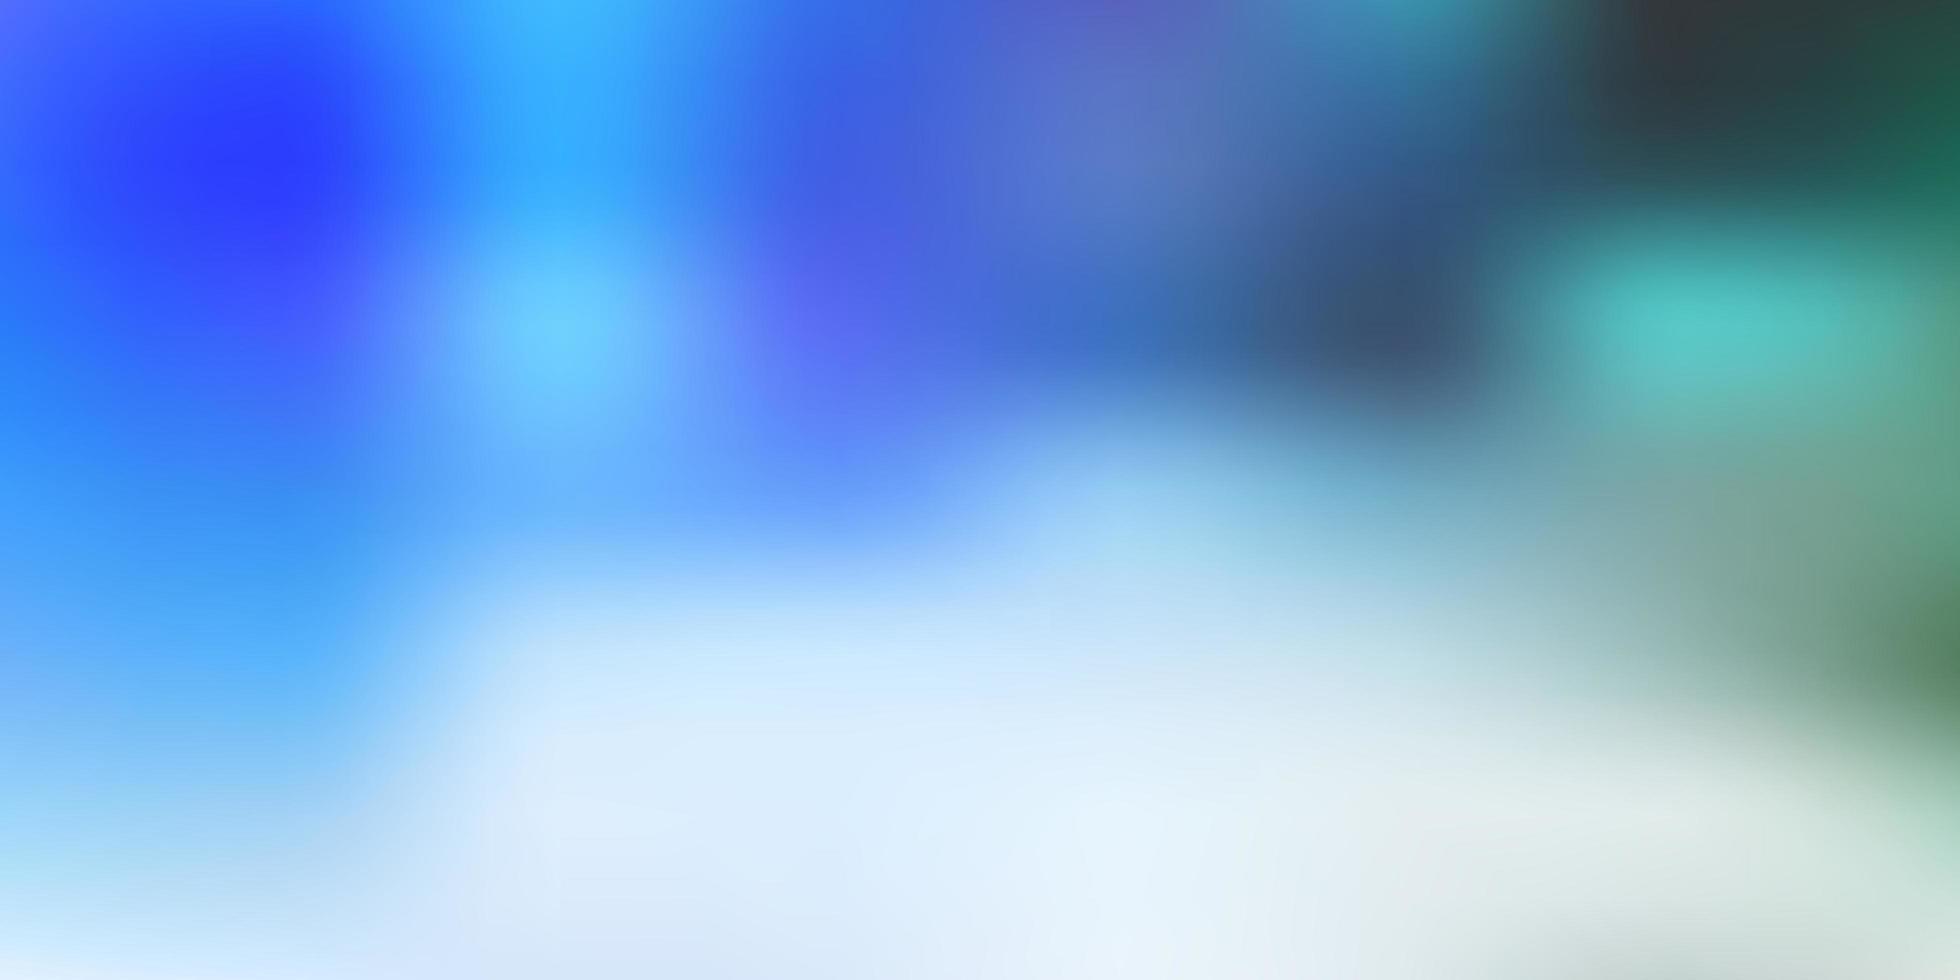 hellblaue Vektorunschärfezeichnung. vektor